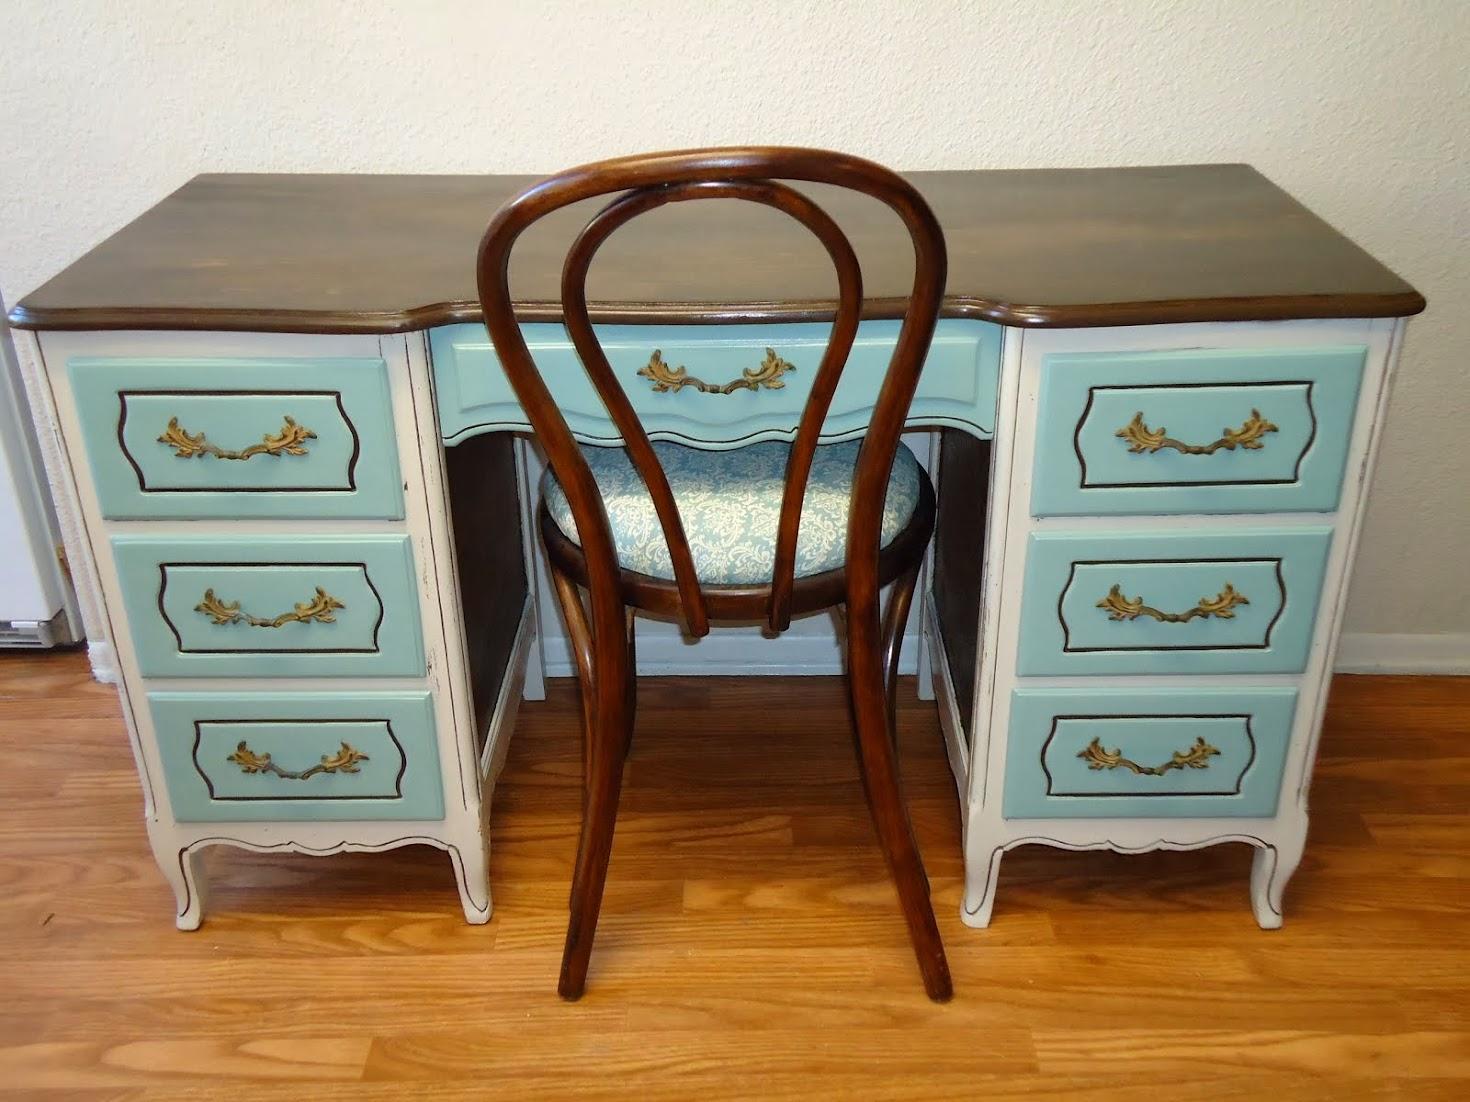 Refurbished Vintage Desk - SOLD